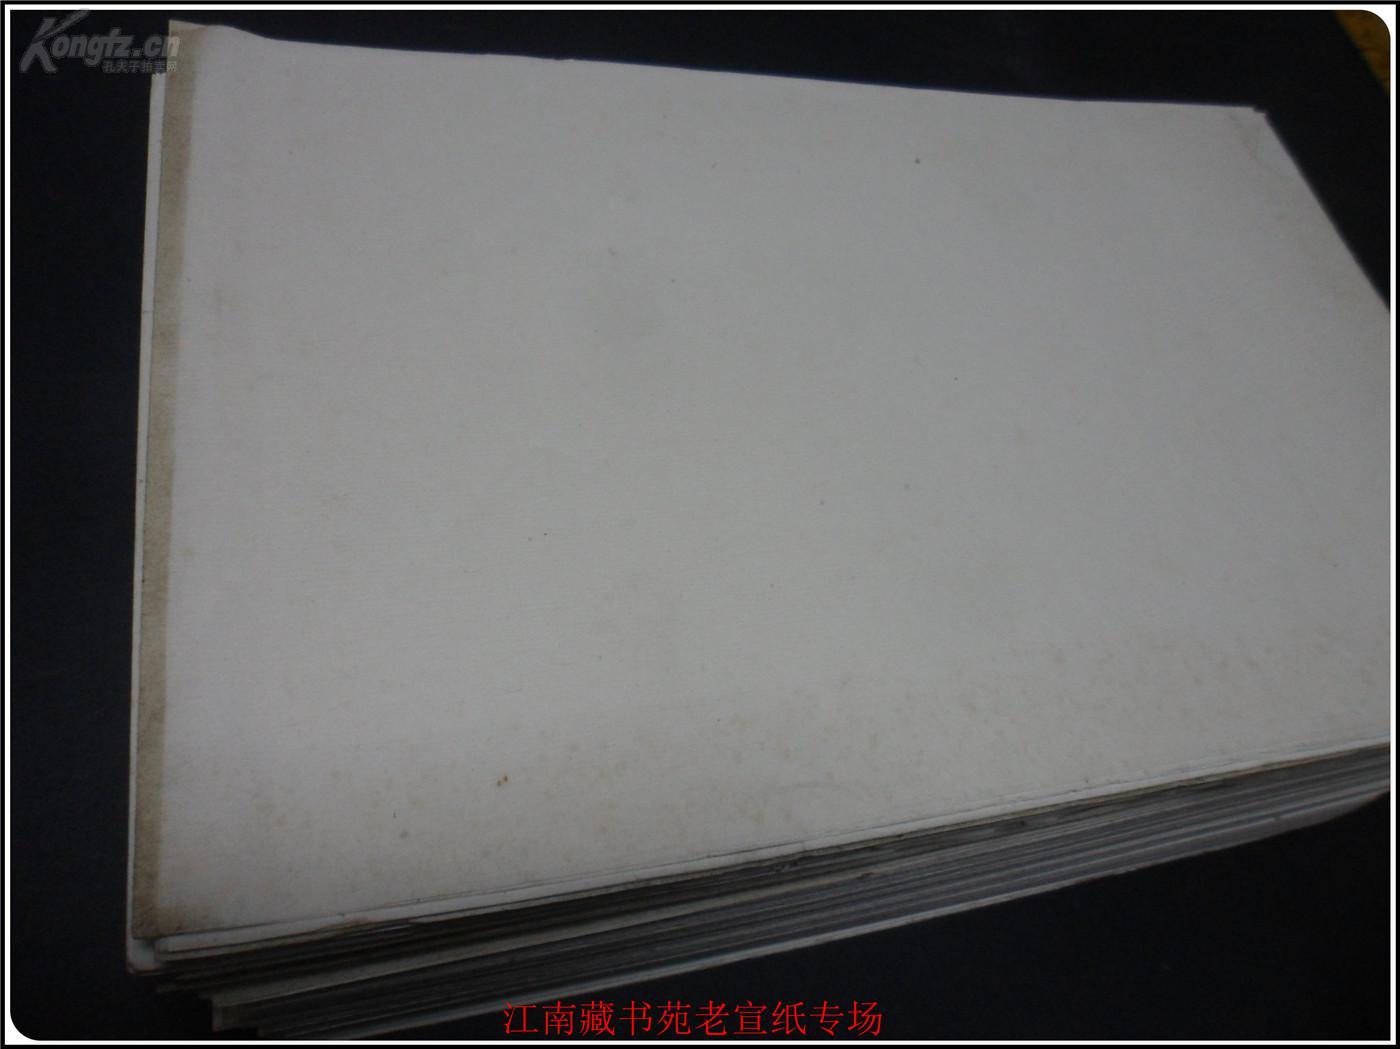 泛黄宣纸图片素材